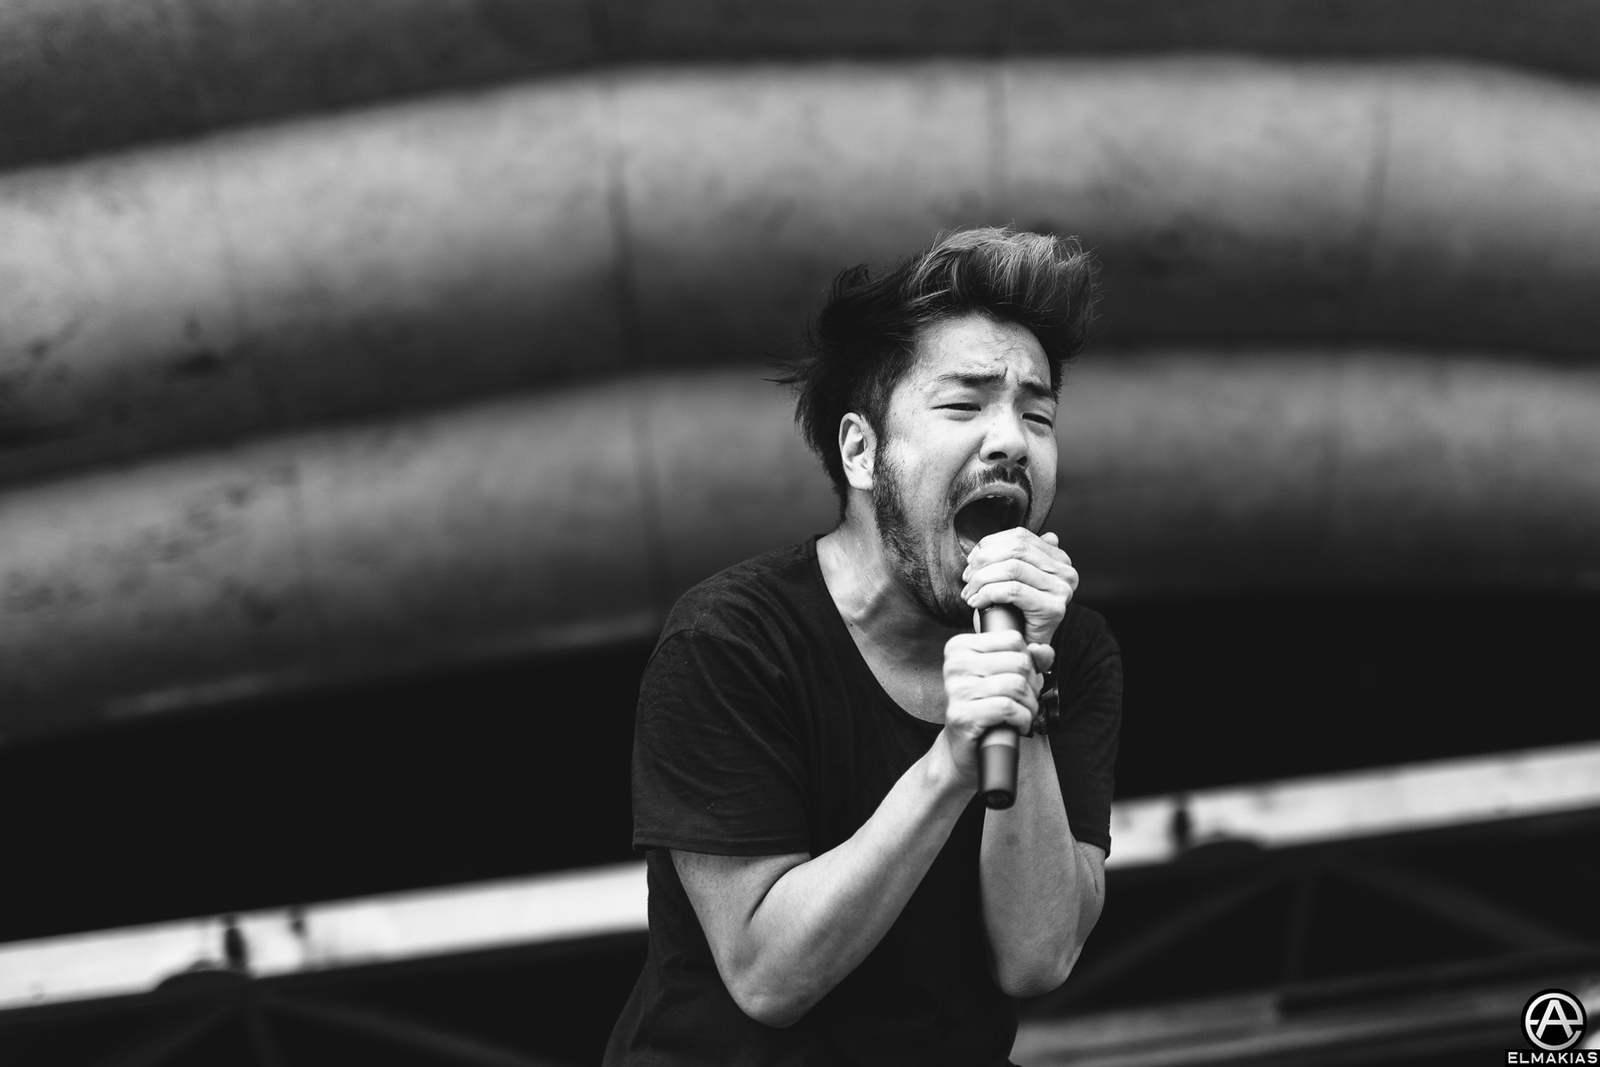 Kenta Koie of Crossfaith live at Vans Warped Tour 2015 by Adam Elmakias